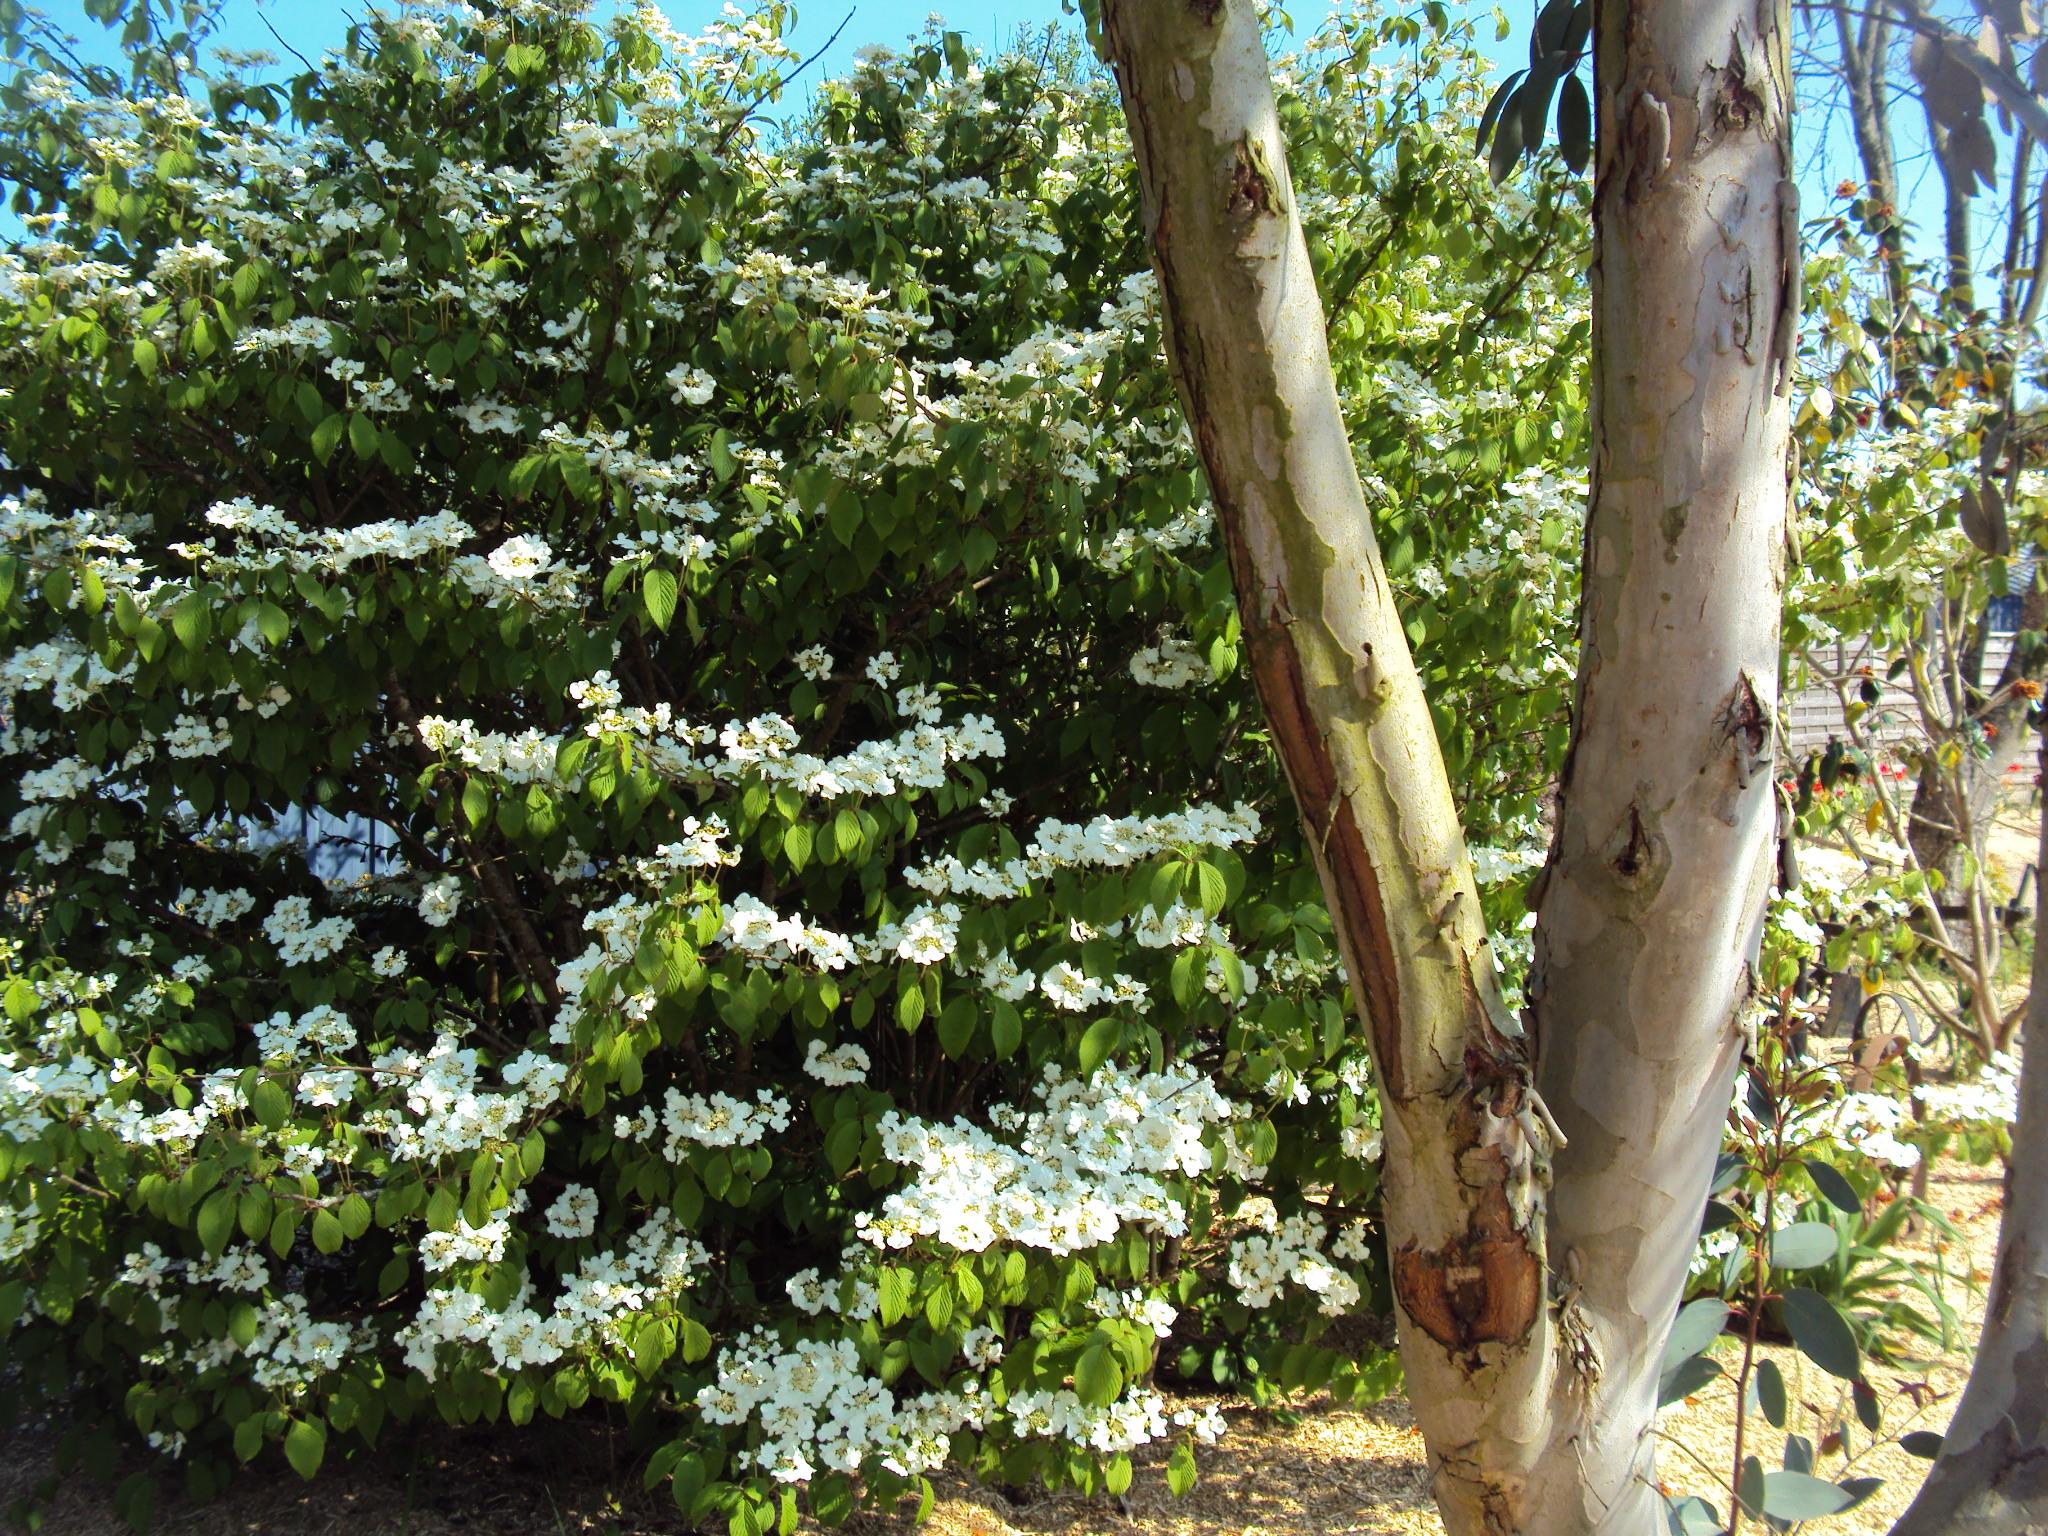 21) Viburnum mariesi